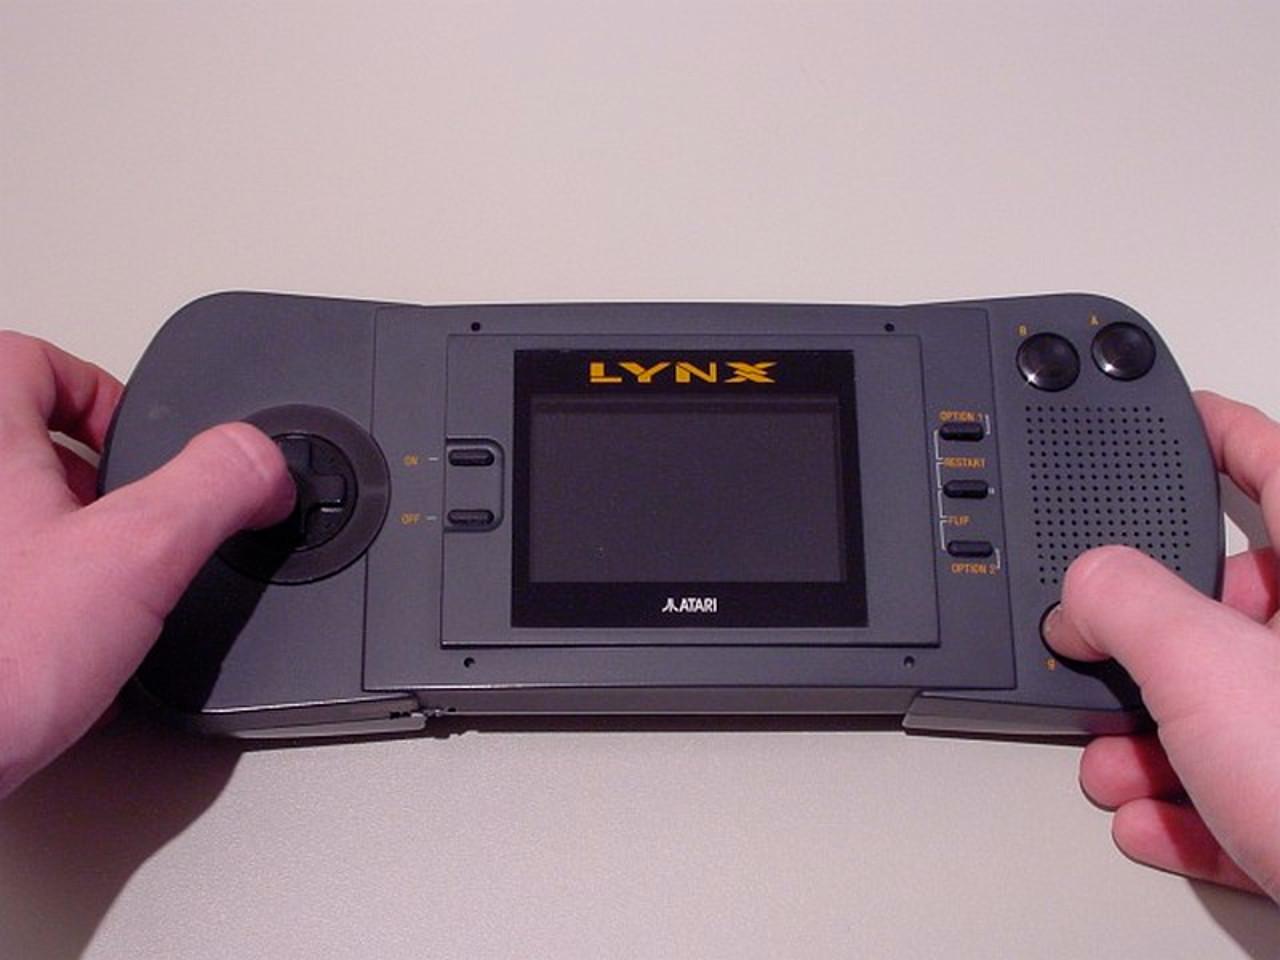 So sieht der Lynx in den Händen eines Erwachsenen aus. (Bild: André Eymann)